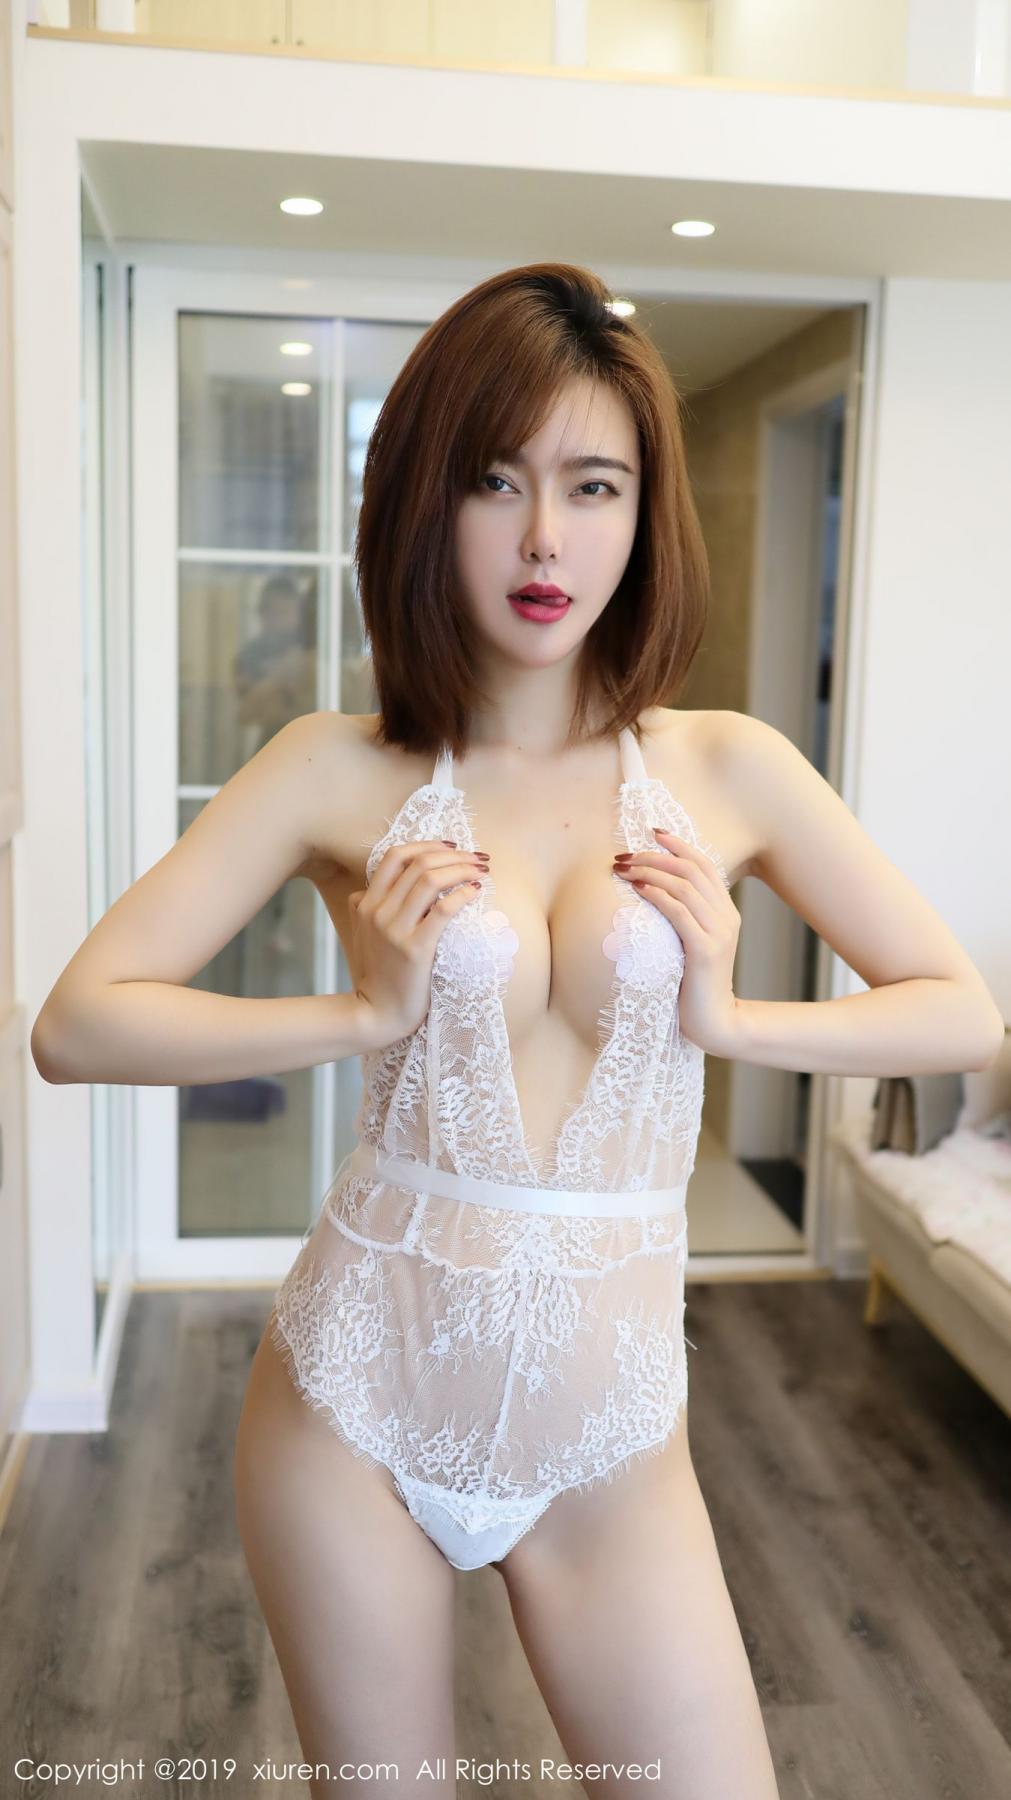 [XiuRen] Vol.1632 Yomi 3P, Underwear, Xiuren, Yomi